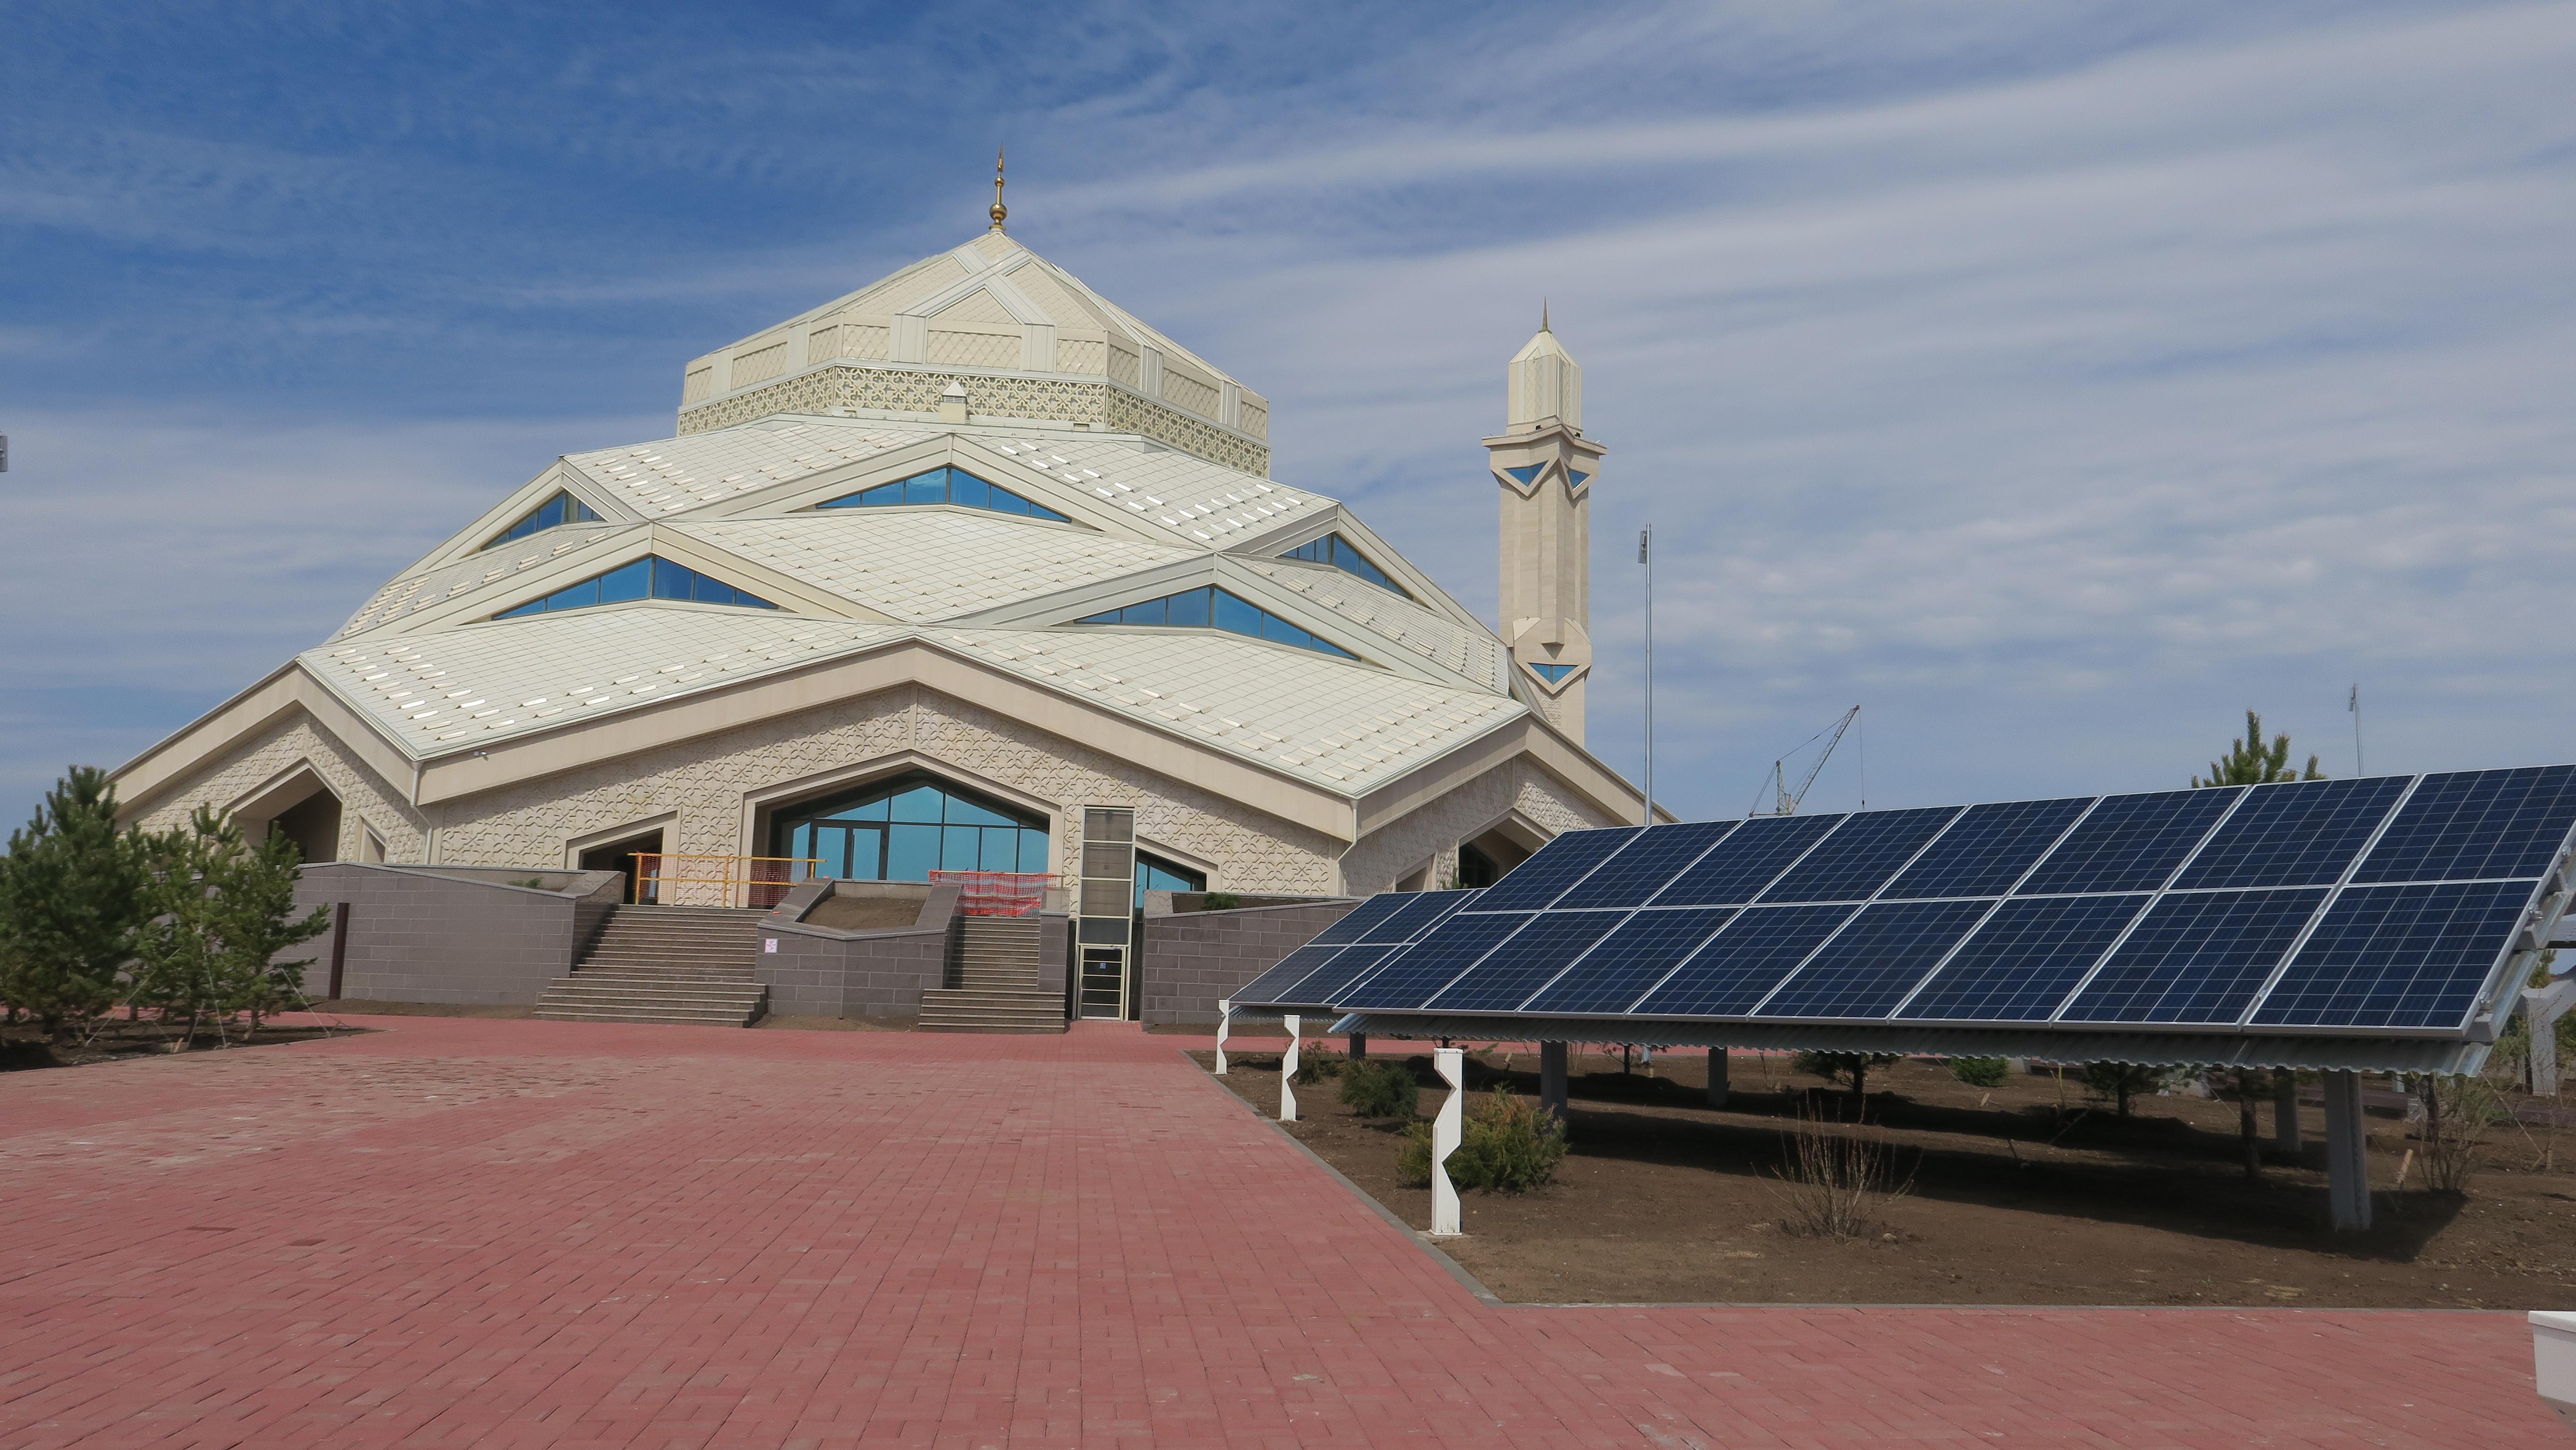 Казахская элита открыла уникальную мечеть